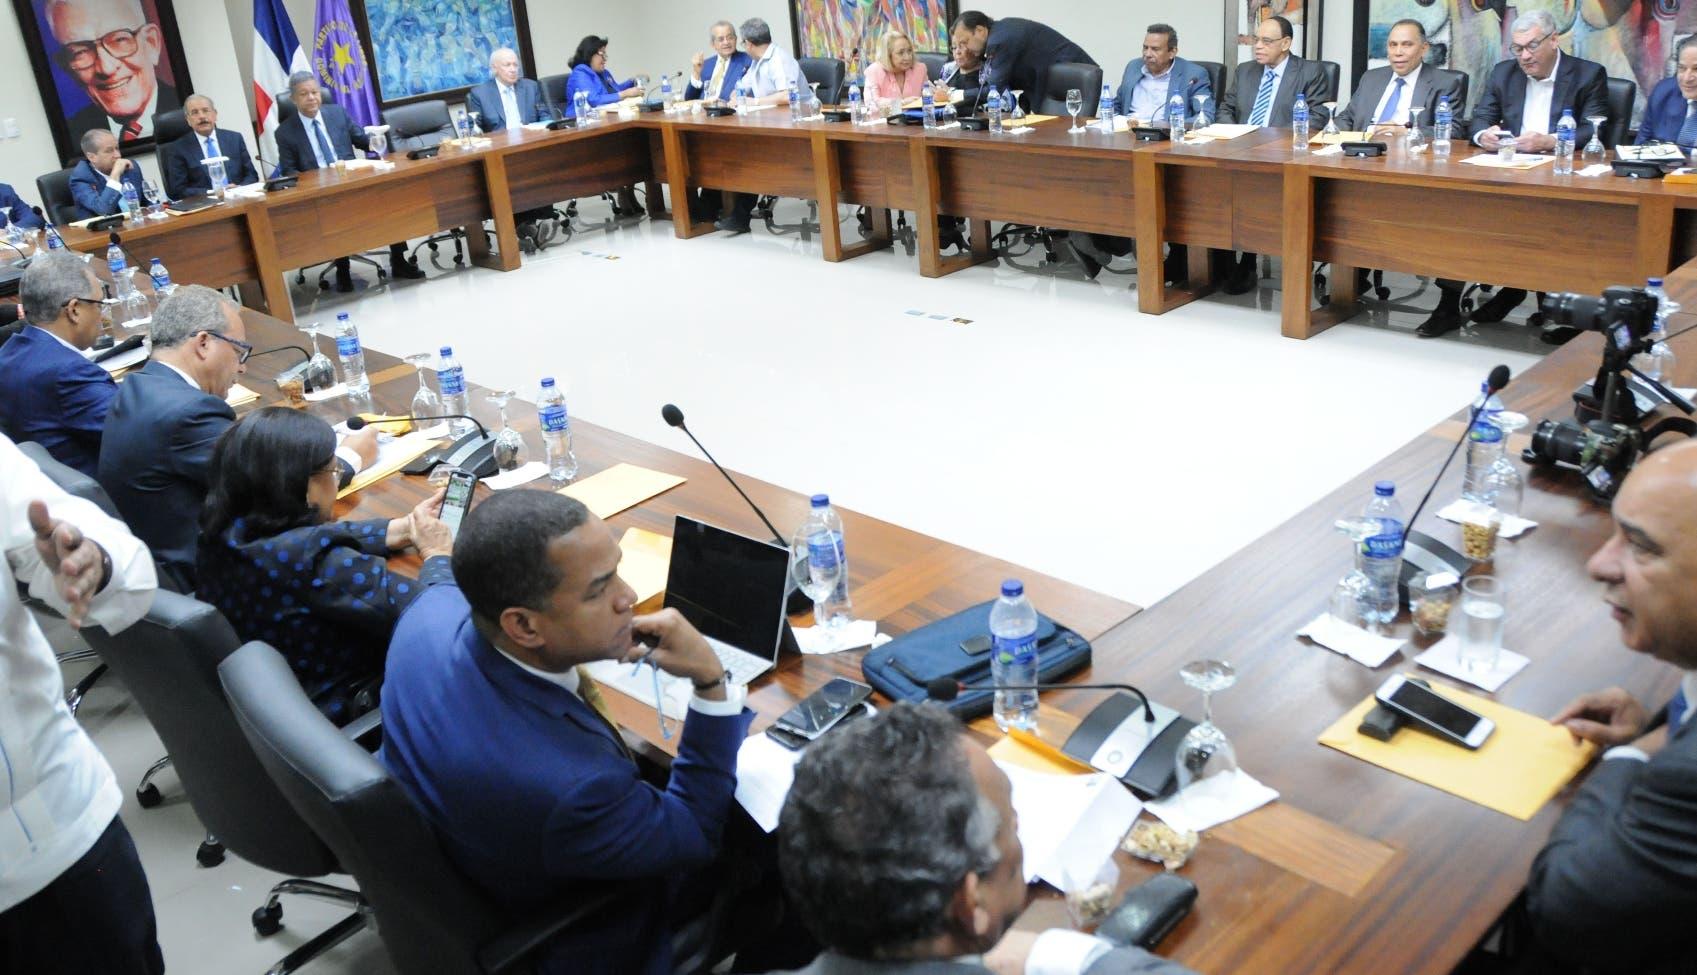 La reunión del organismo del PL D estuvo encabezada por el presidente Medina y el expresidente Fernández.  Nicolás Monegro